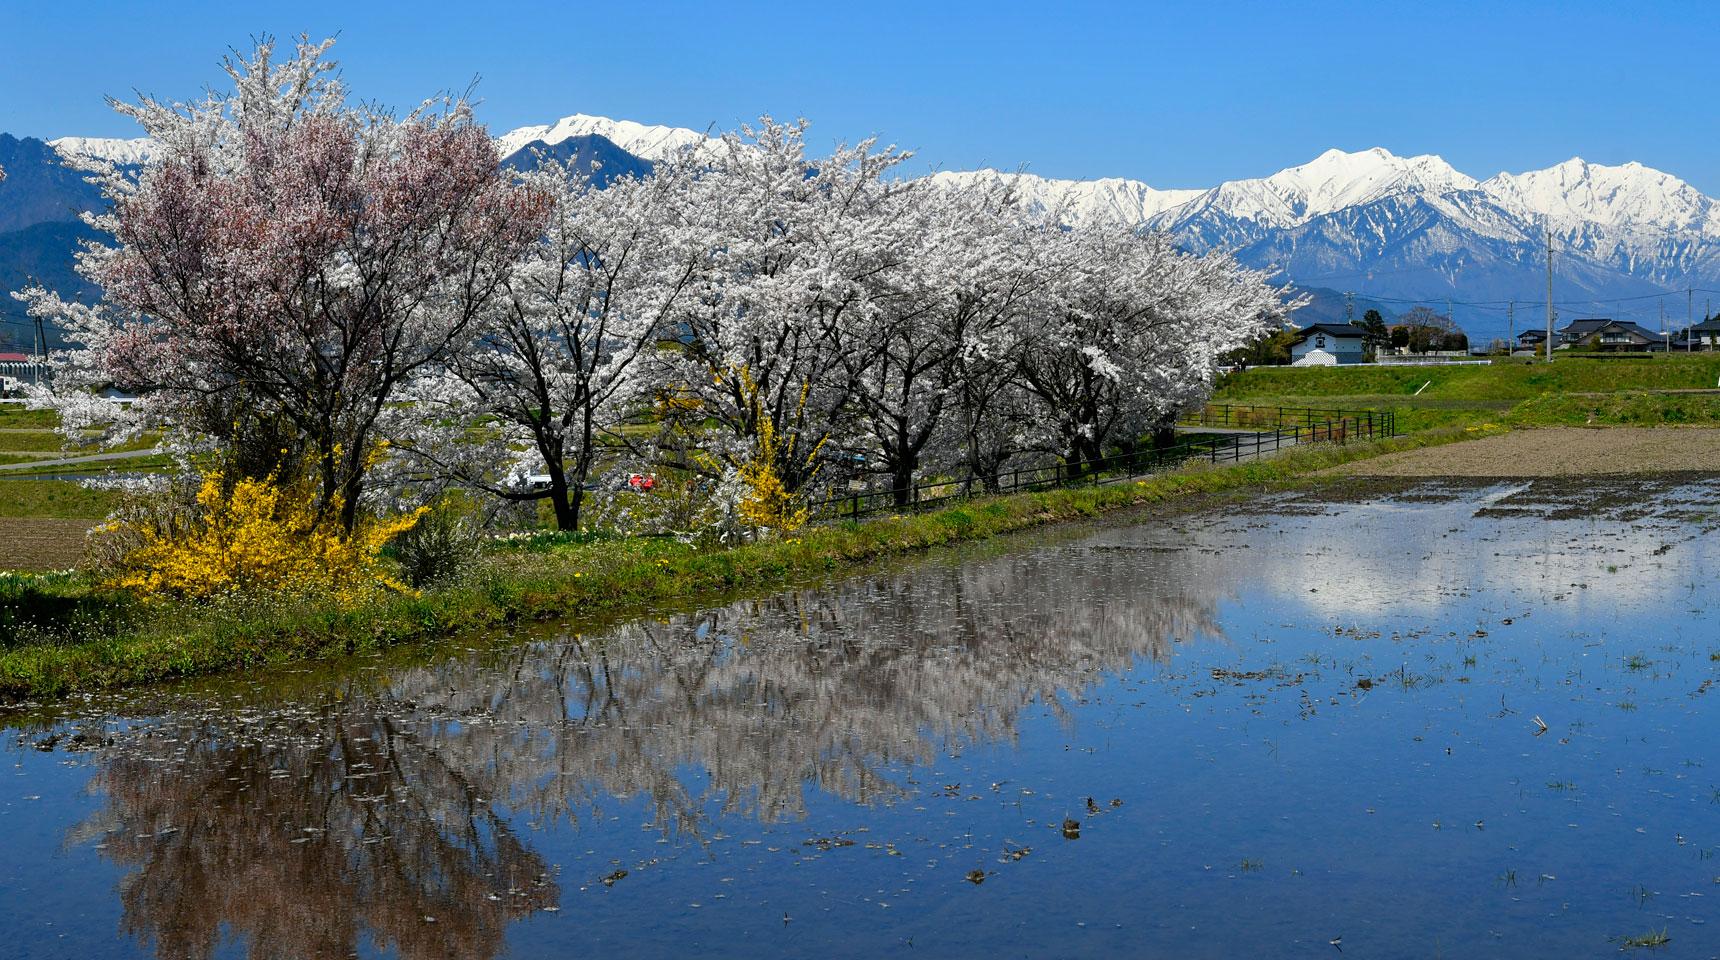 スライド95 池田町堀之内の桜と北アルプス